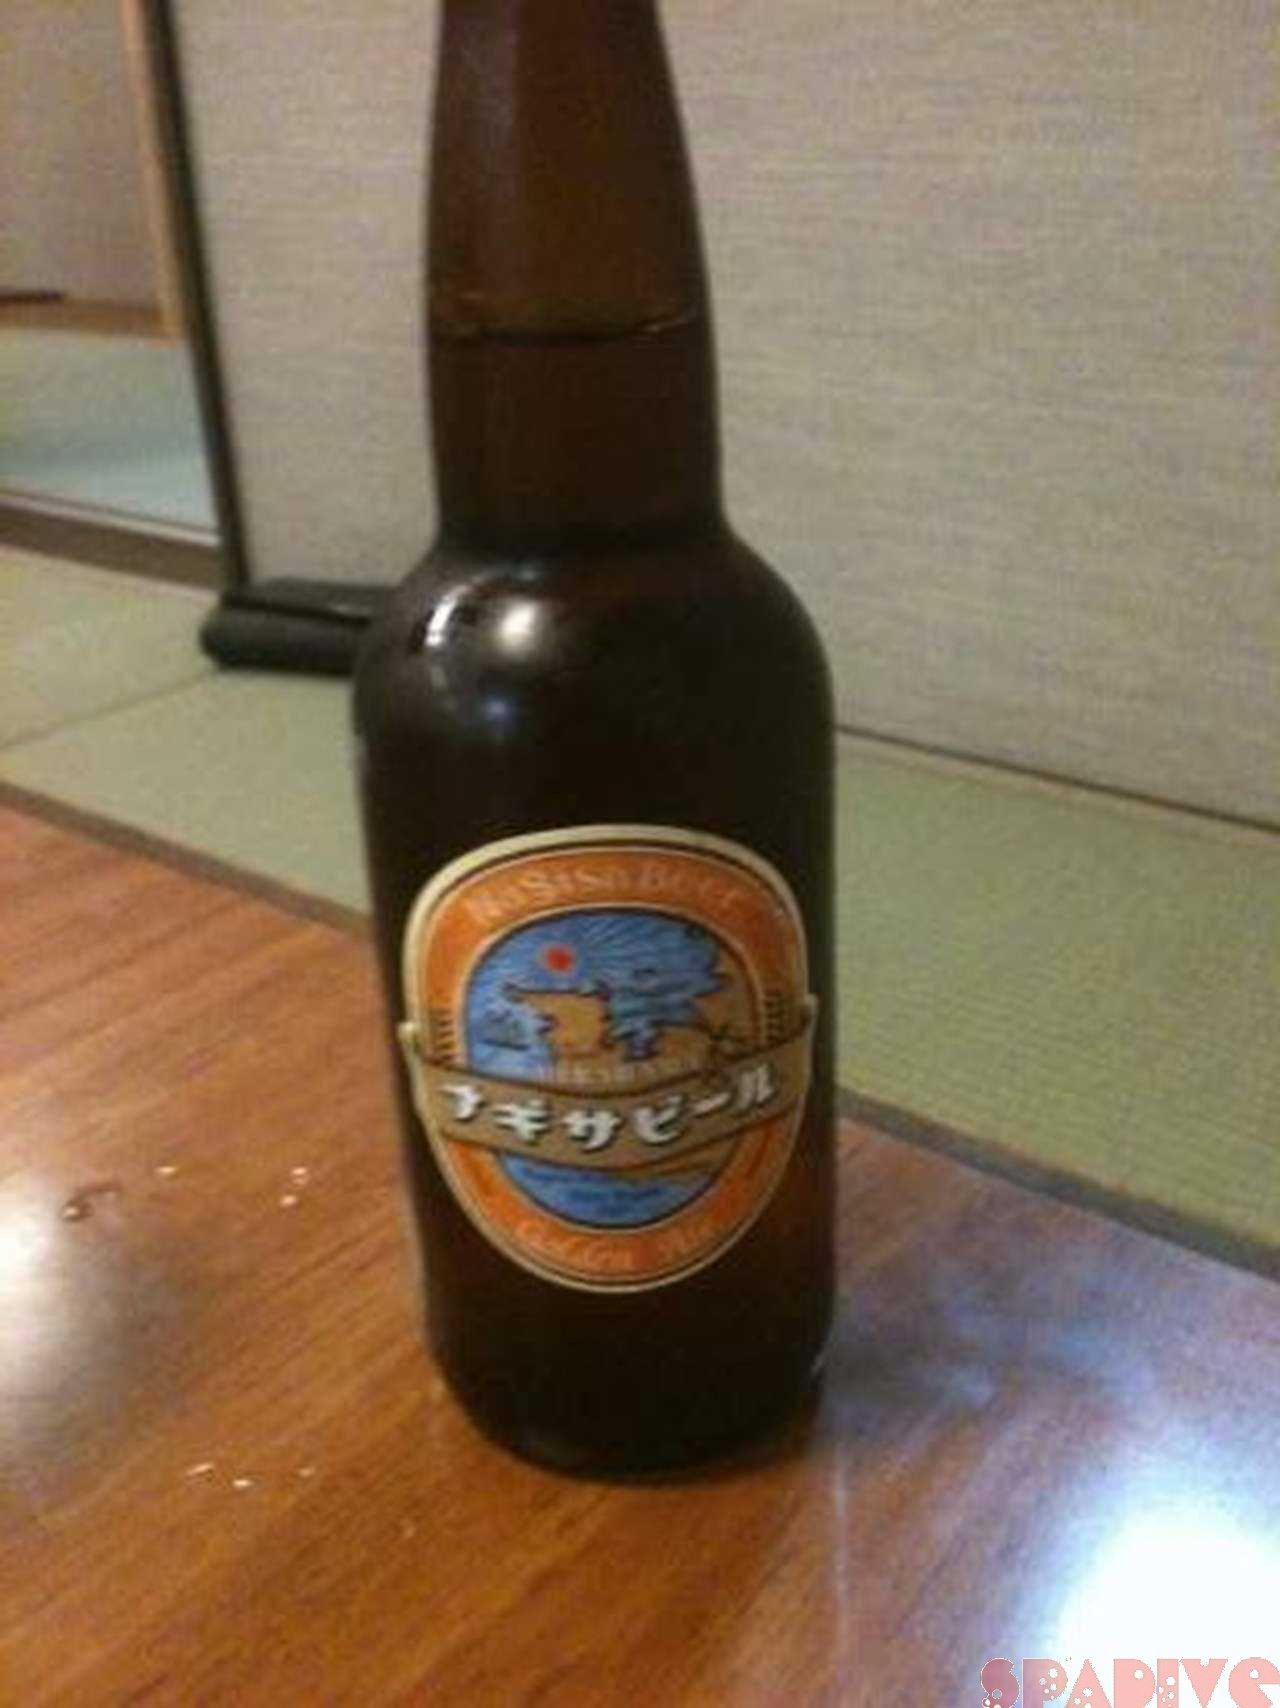 日本に元気を!期間限定ナギサビール「ゴールデンエール」4/28/2011